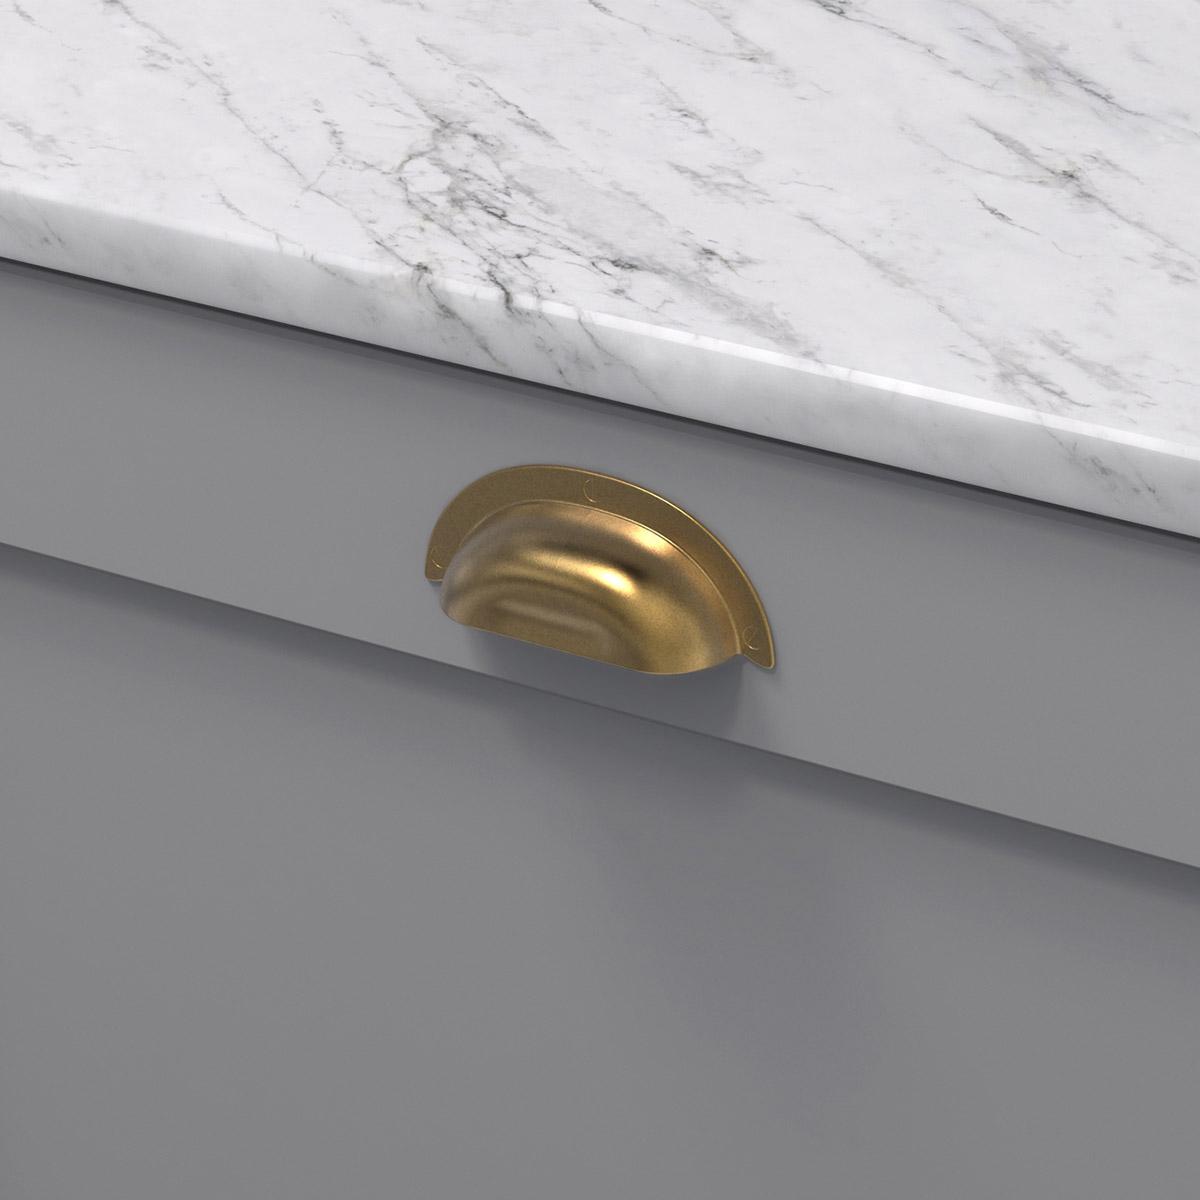 Skålhand 3922 matt massing 39223 11 ncs s 4500 n marmor carrara